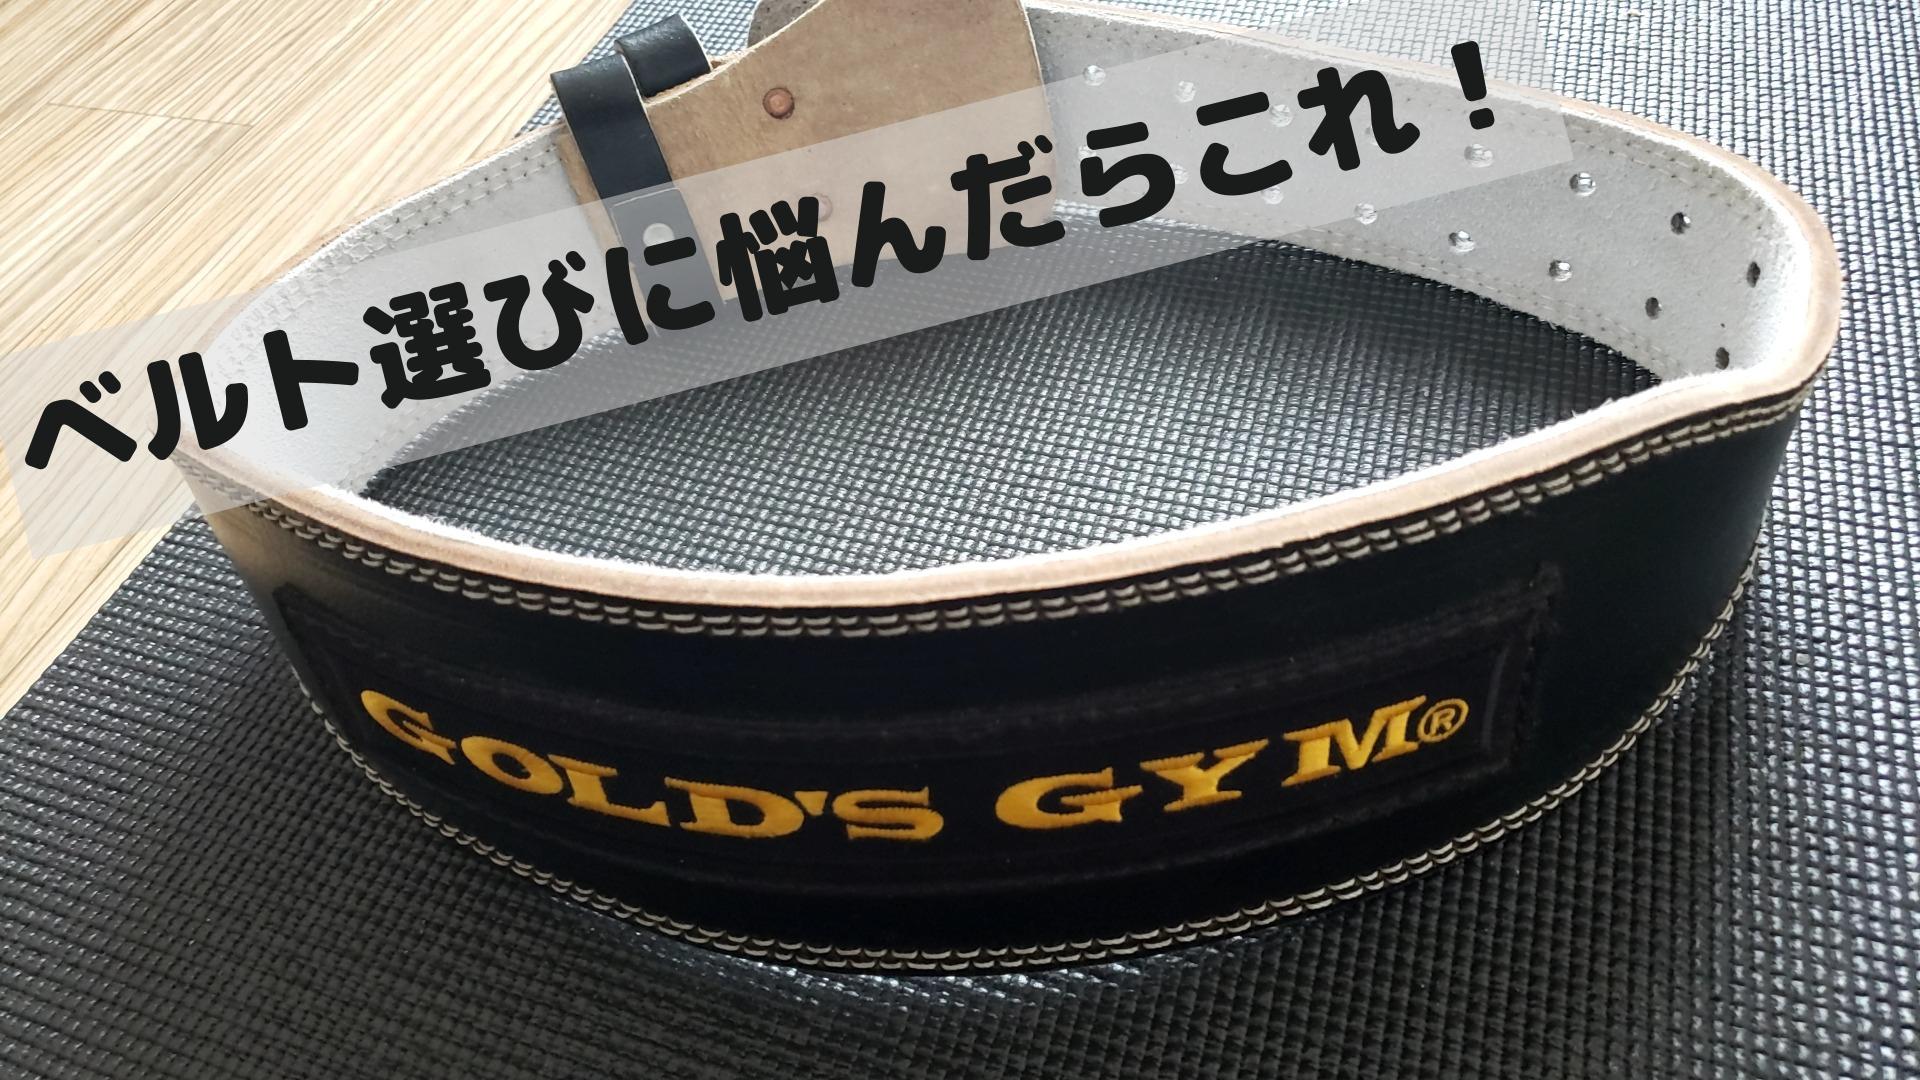 ゴールドジムのトレーニングベルト(Sサイズ)